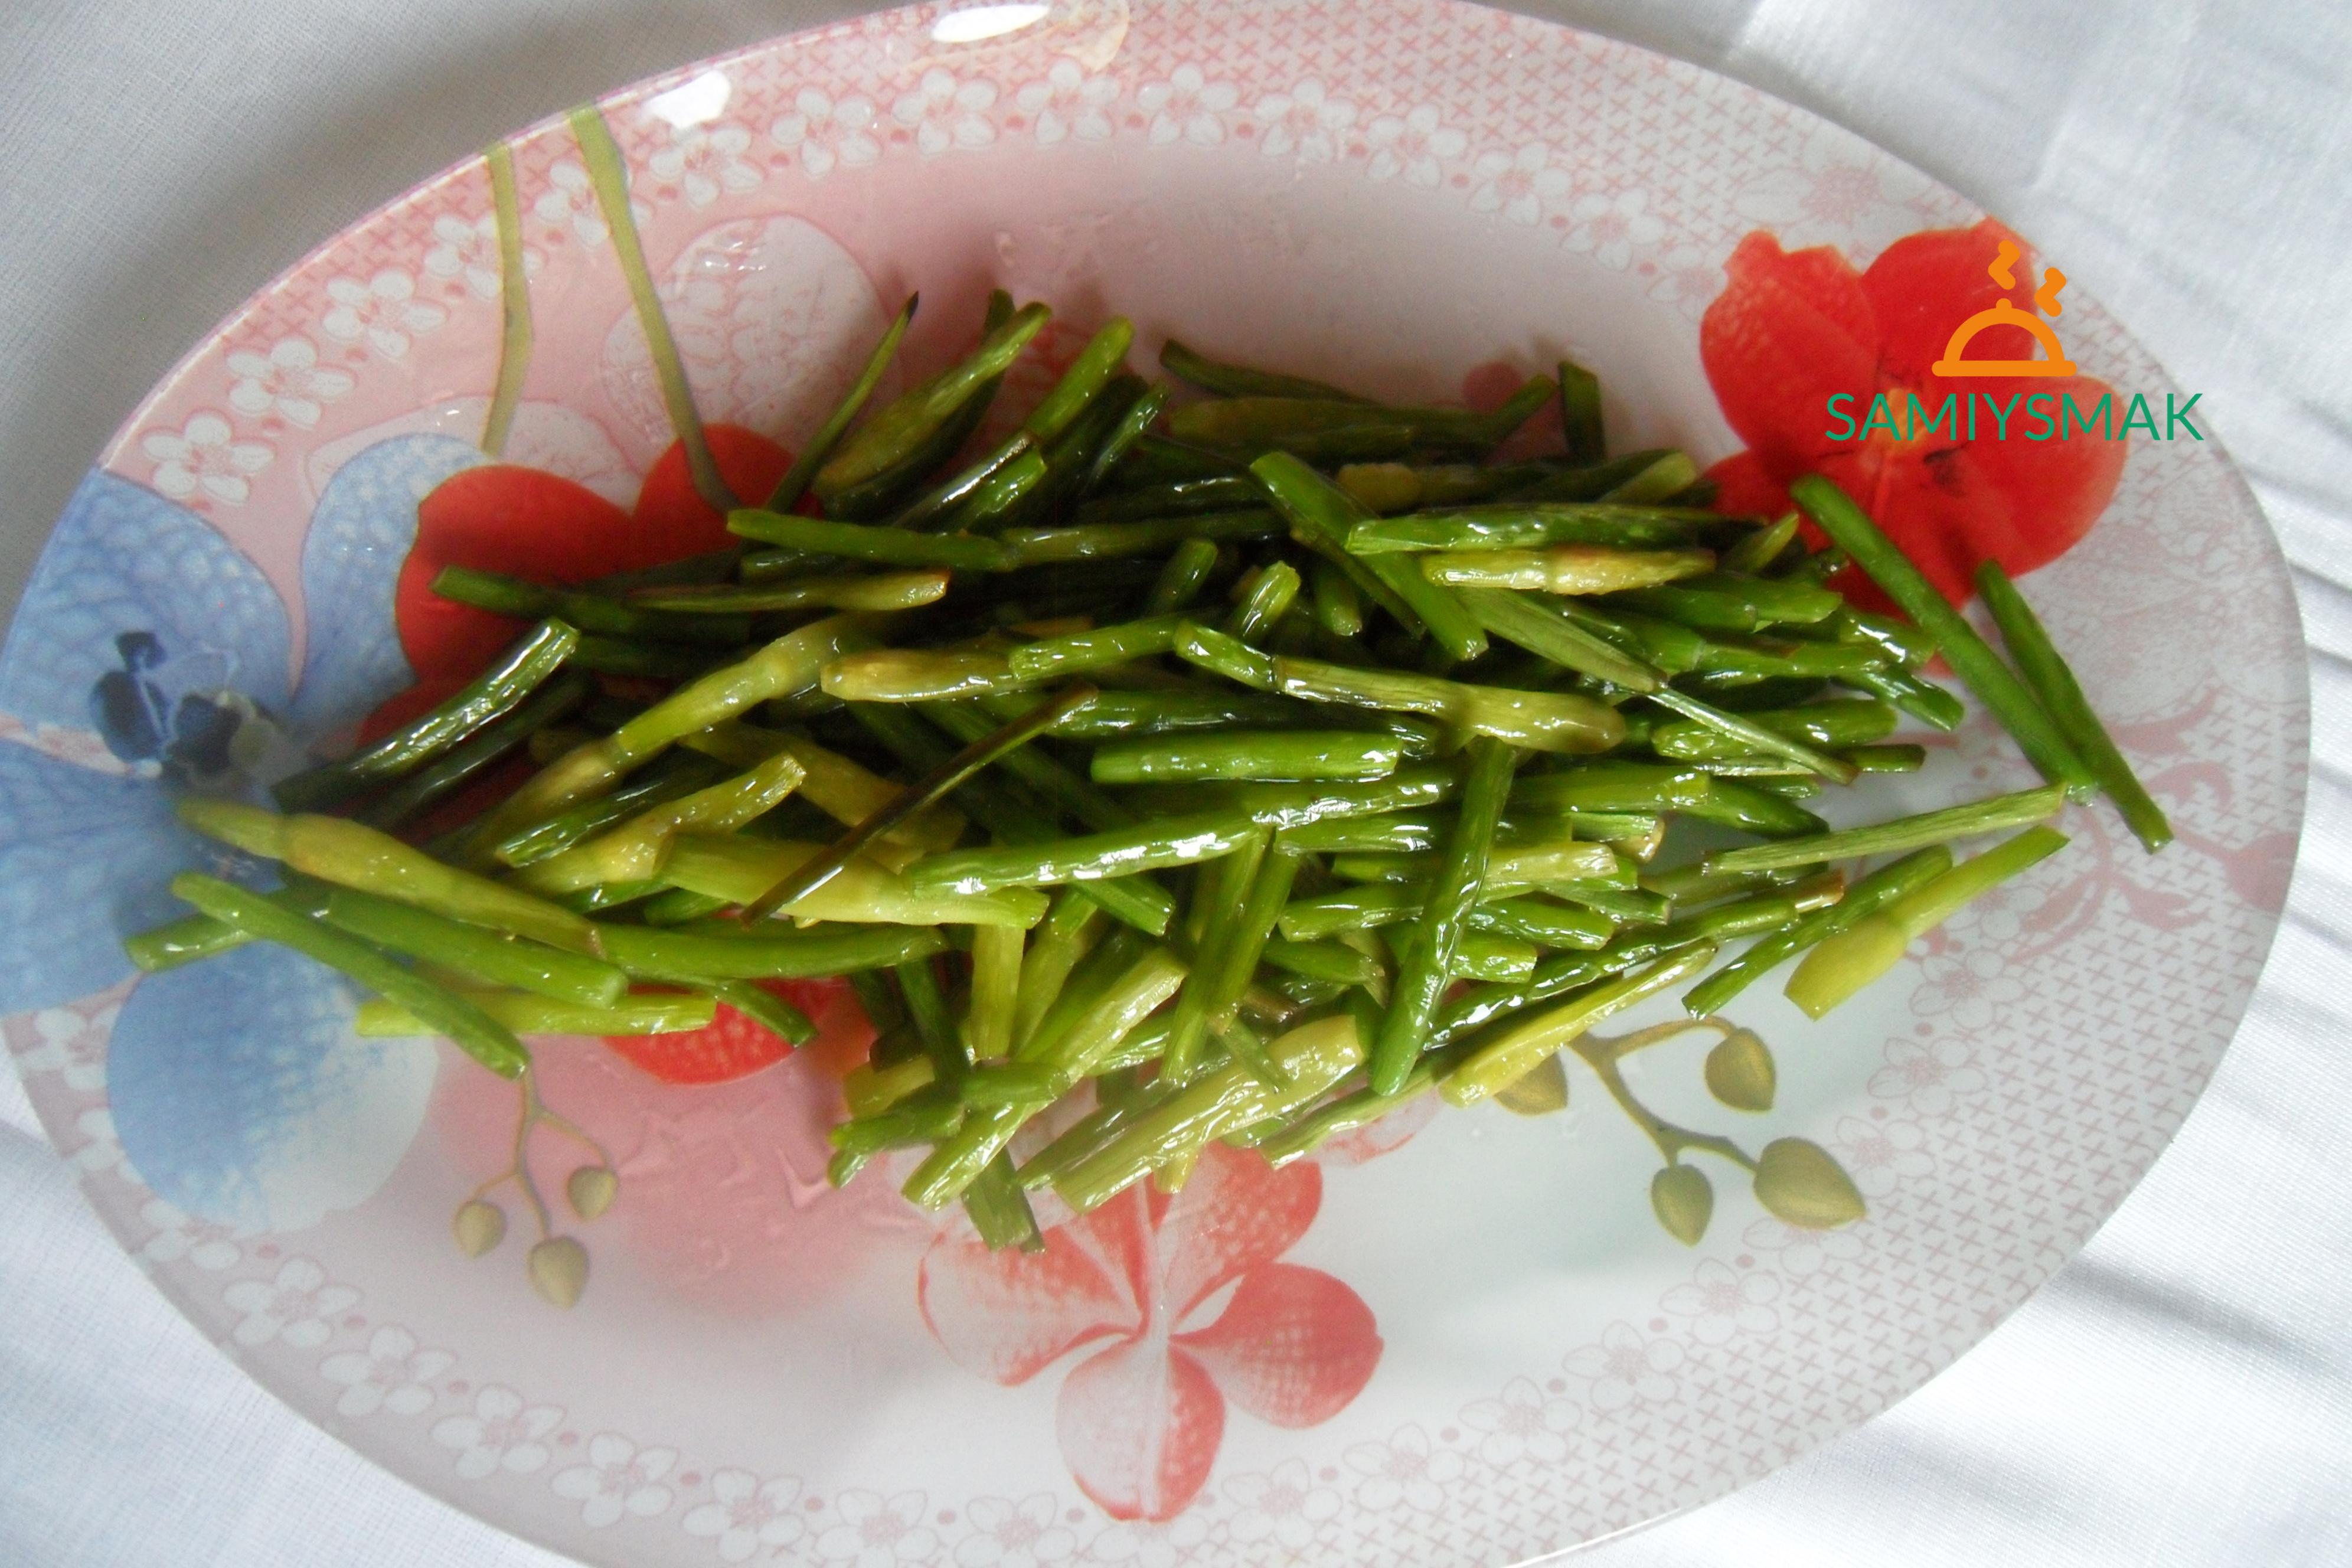 Вкусные стрелки чеснока на обед